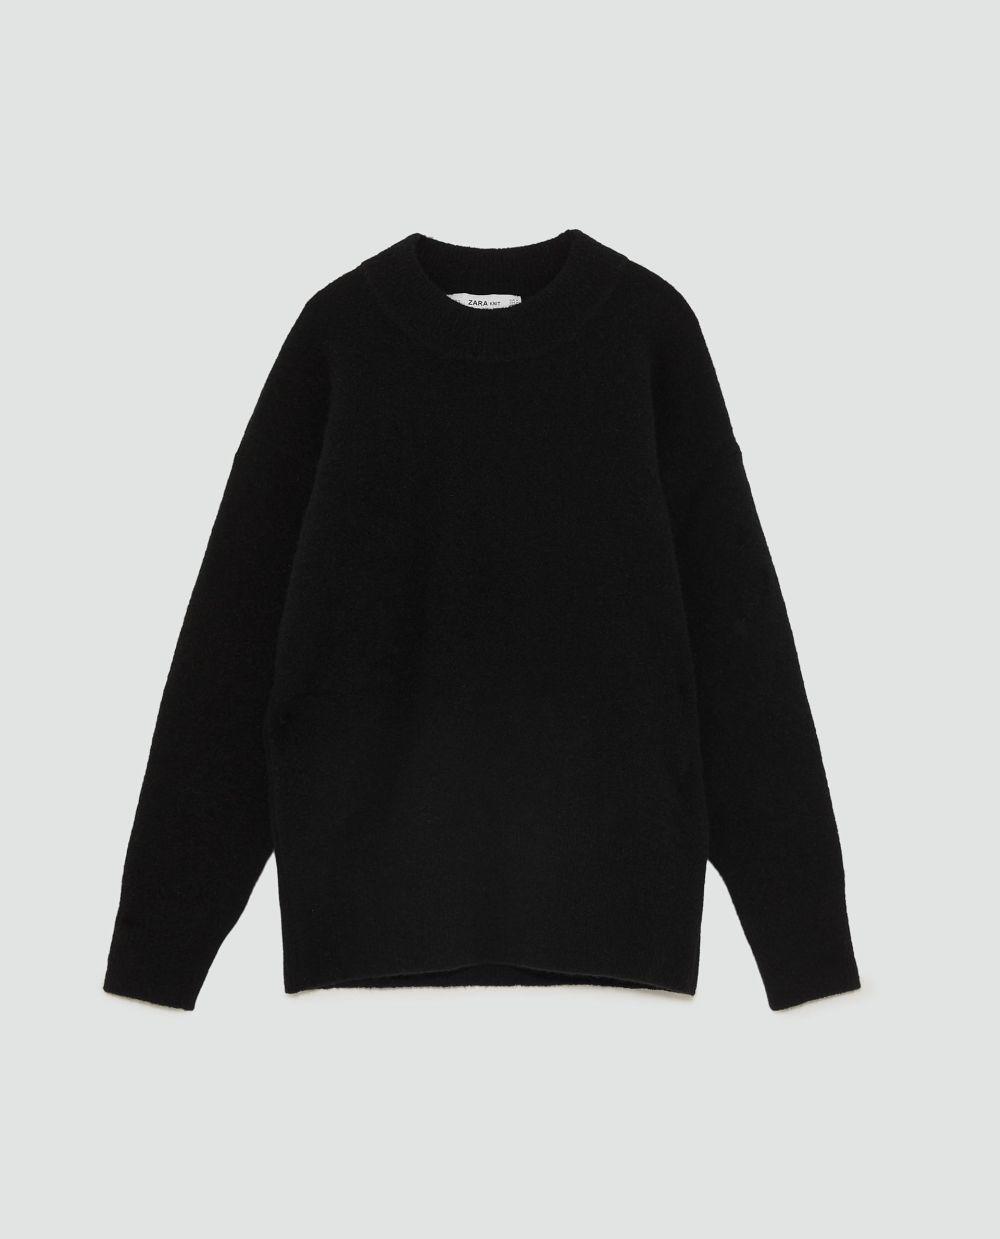 Jersey de lana de Zara (45,95 euros)